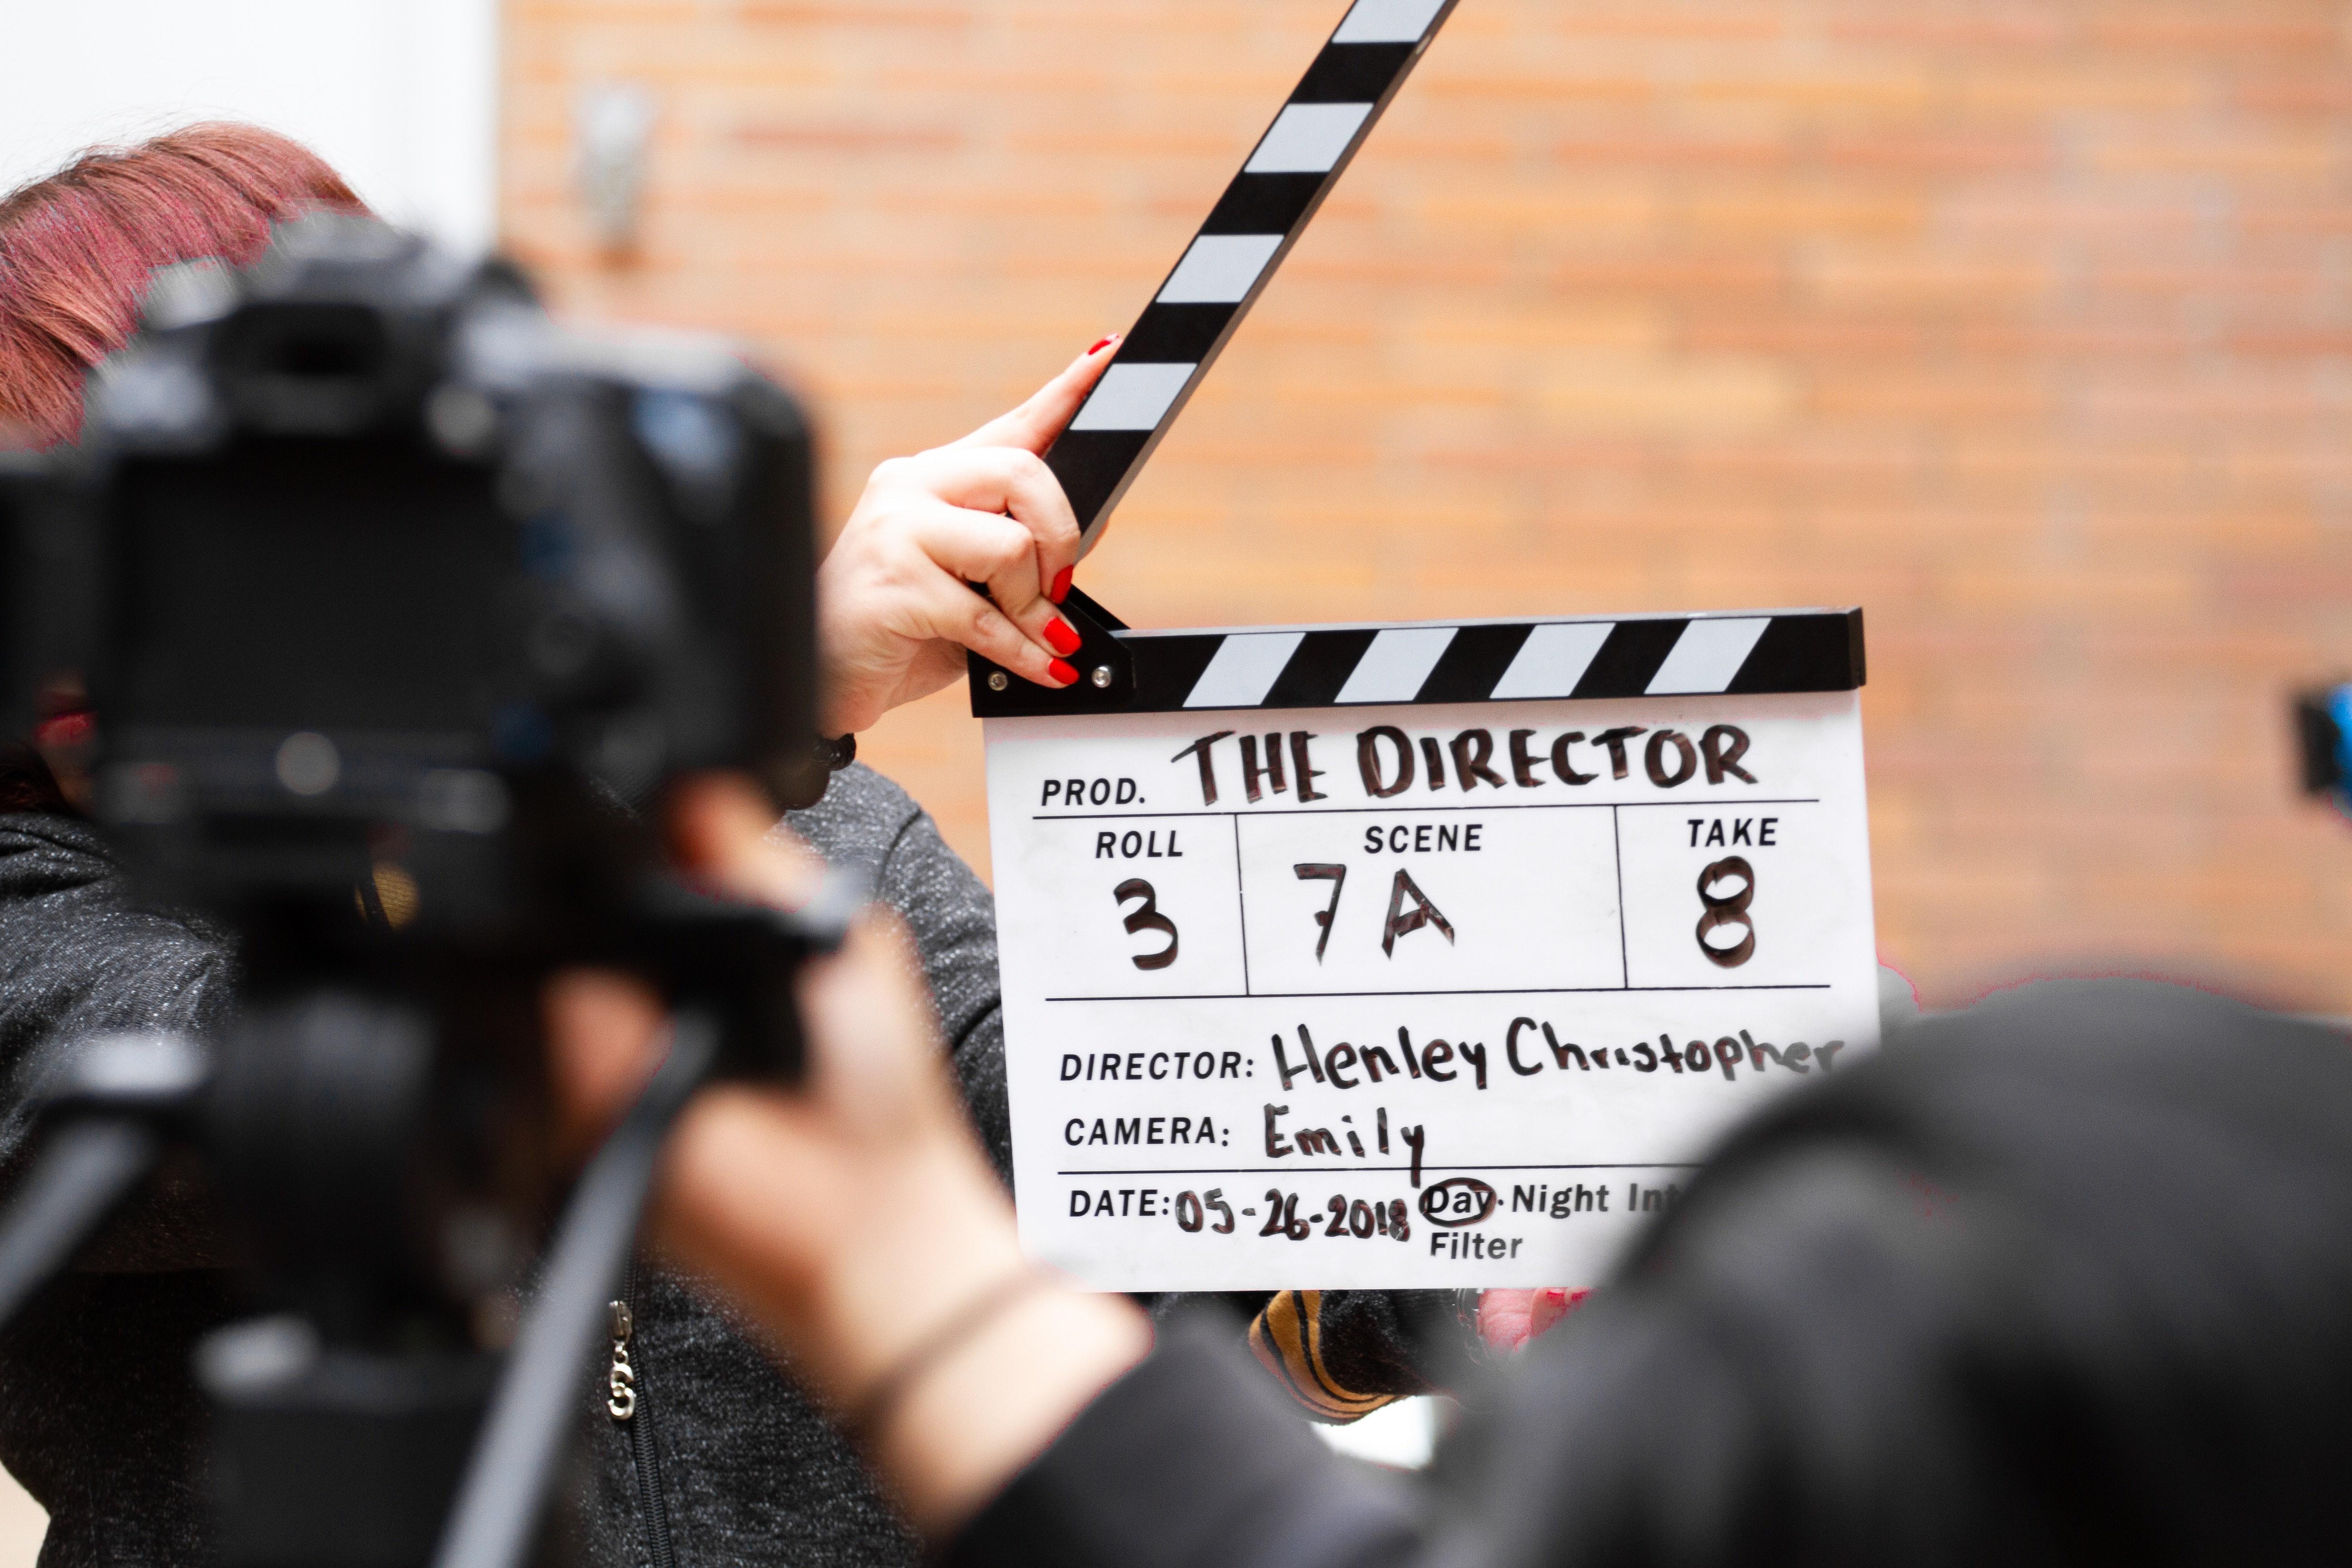 人才优选计划--短片创作技能评选